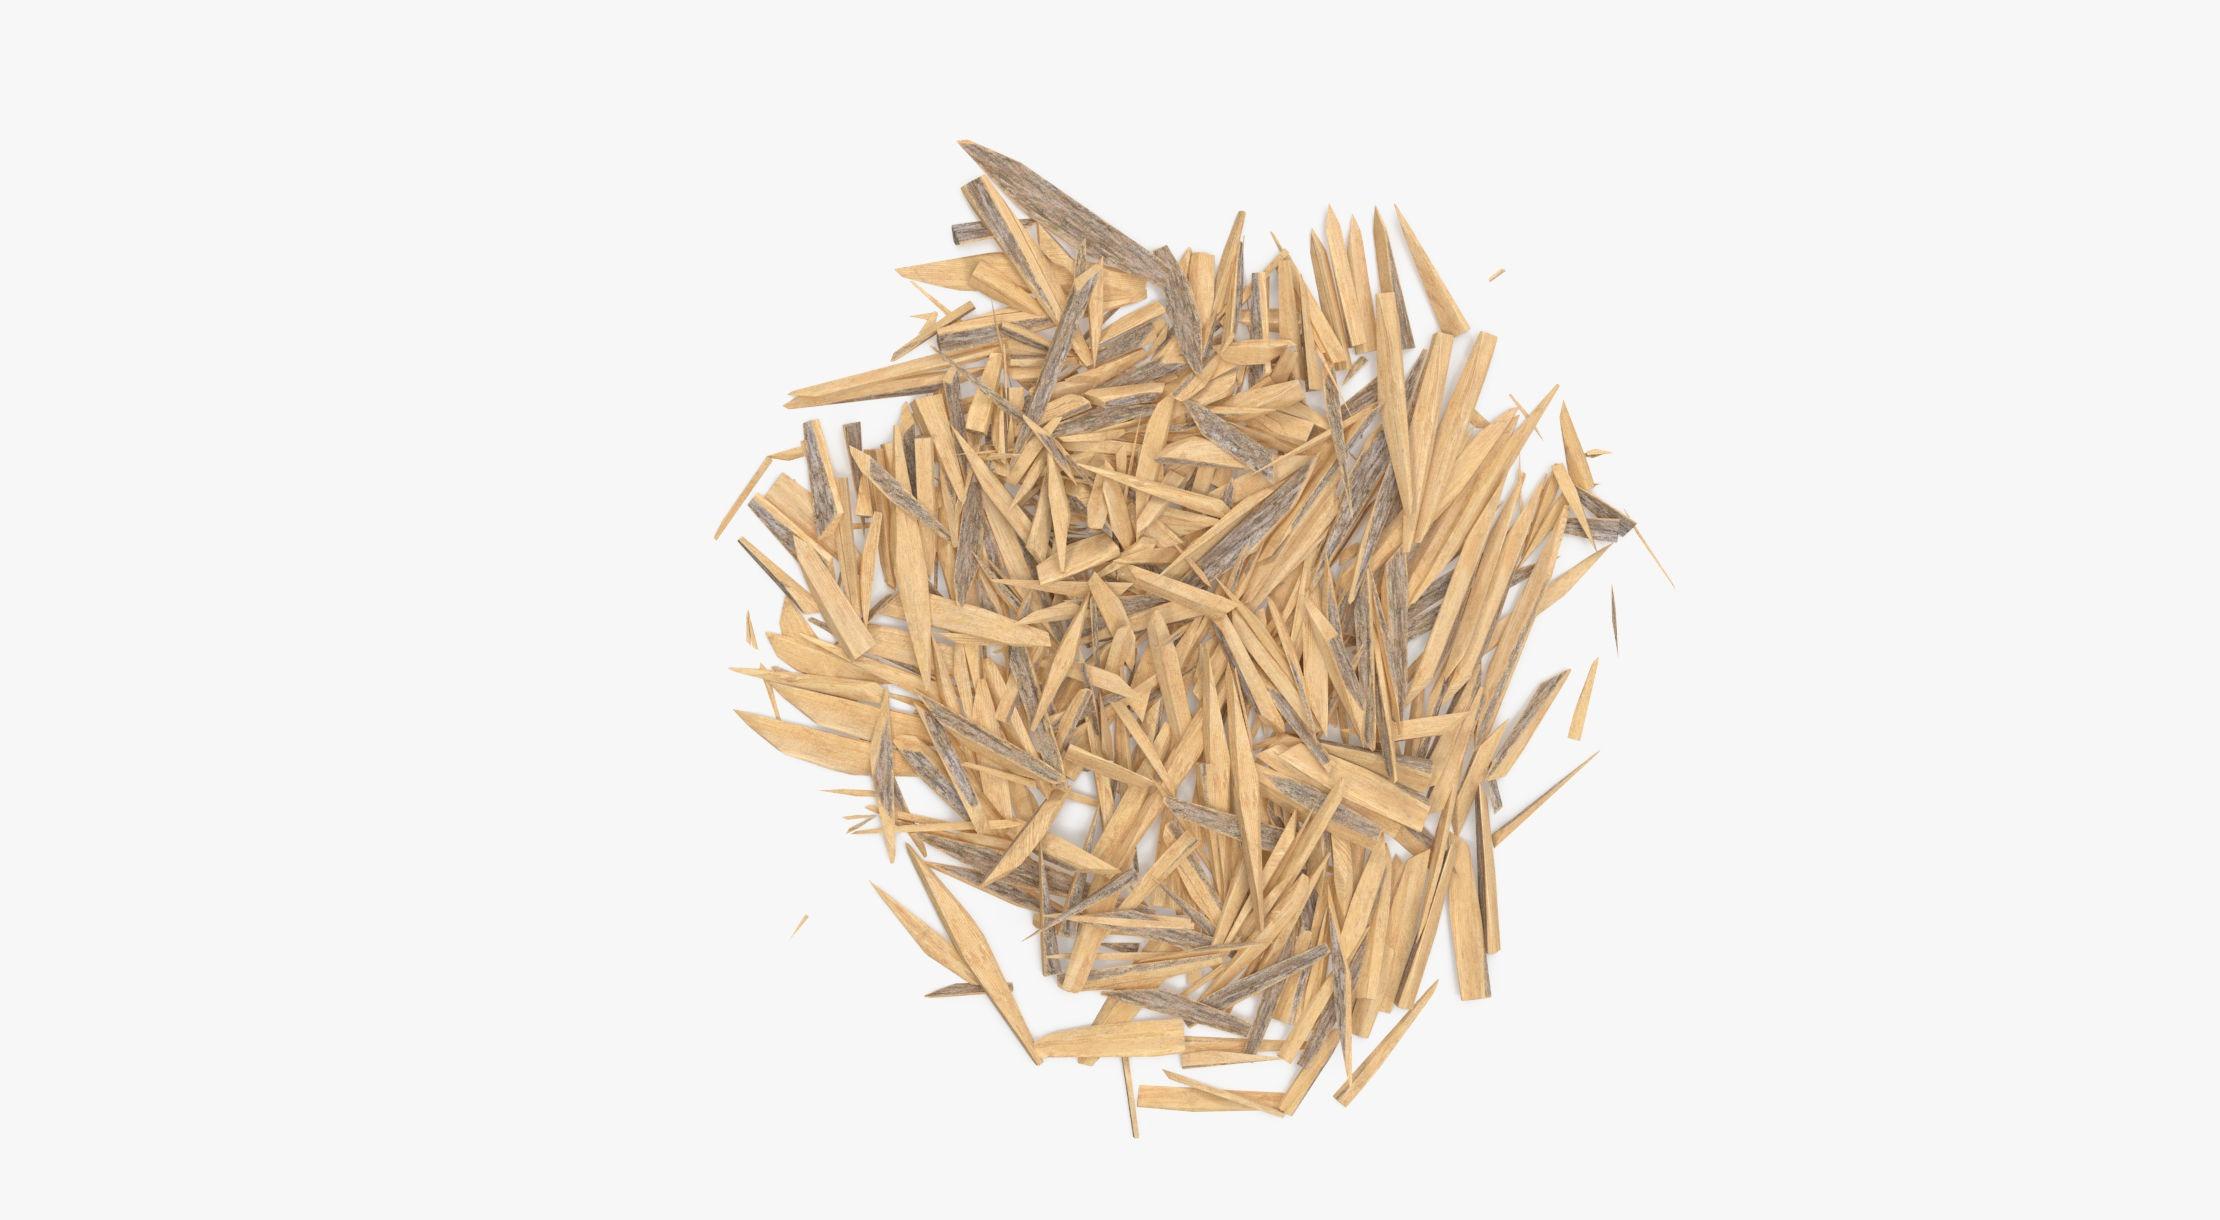 Splintered Wood 04 - reel 1